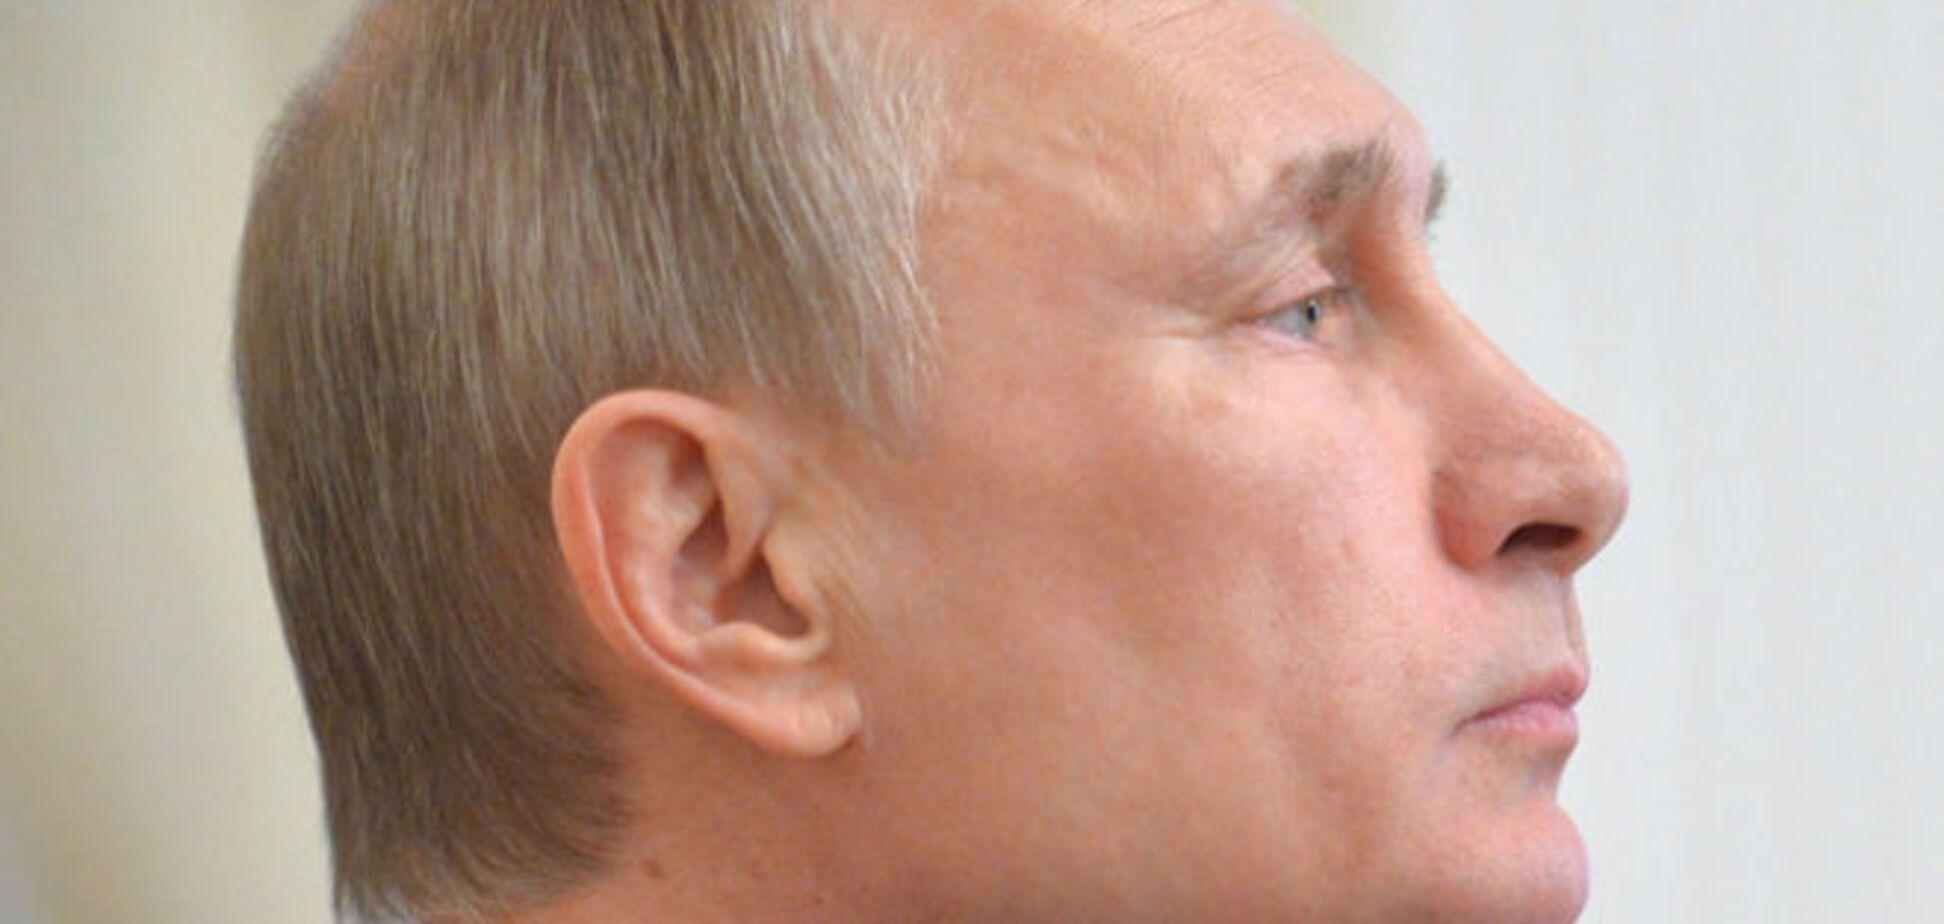 Сталин лучше Путина. Путин не оправдал доверие россиян